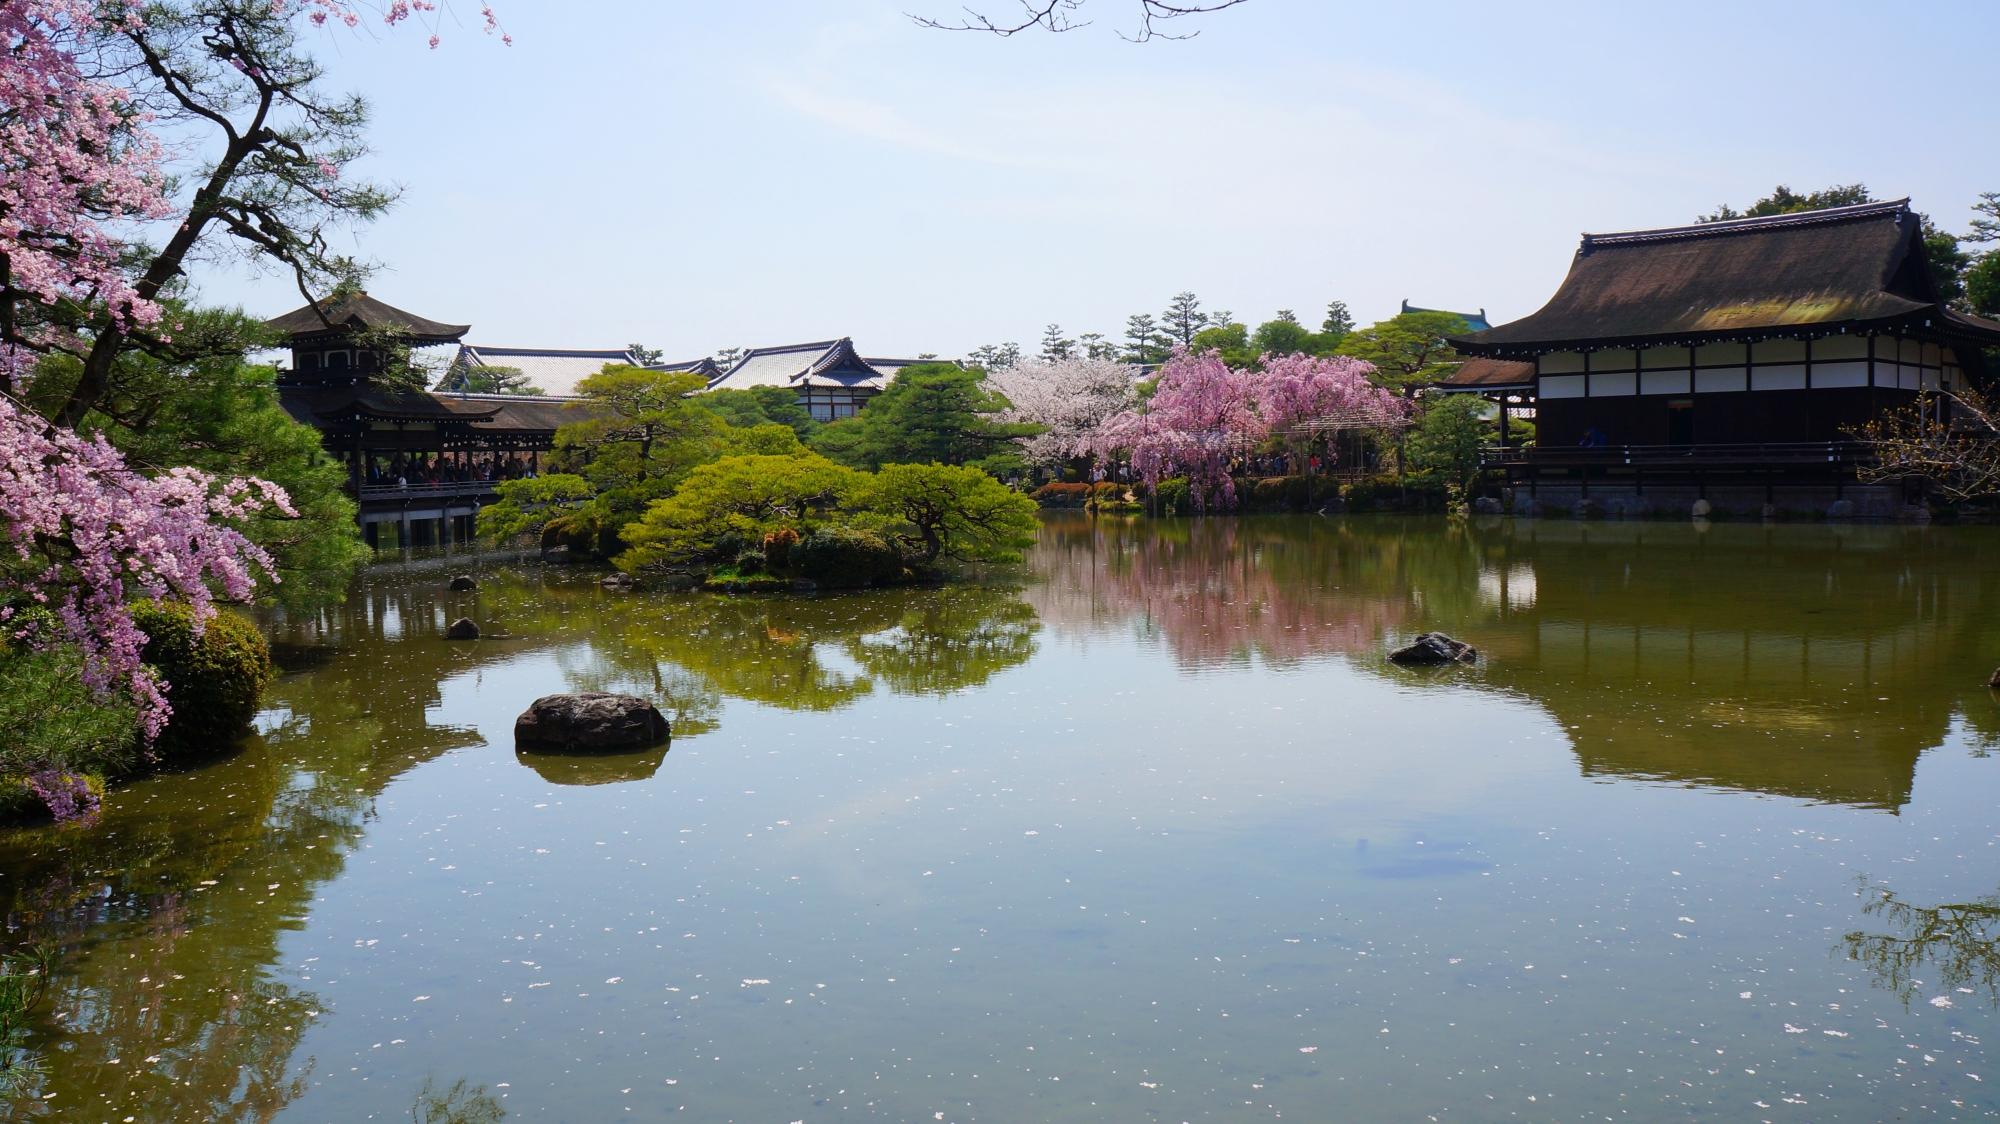 泰平閣と尚美館と桜